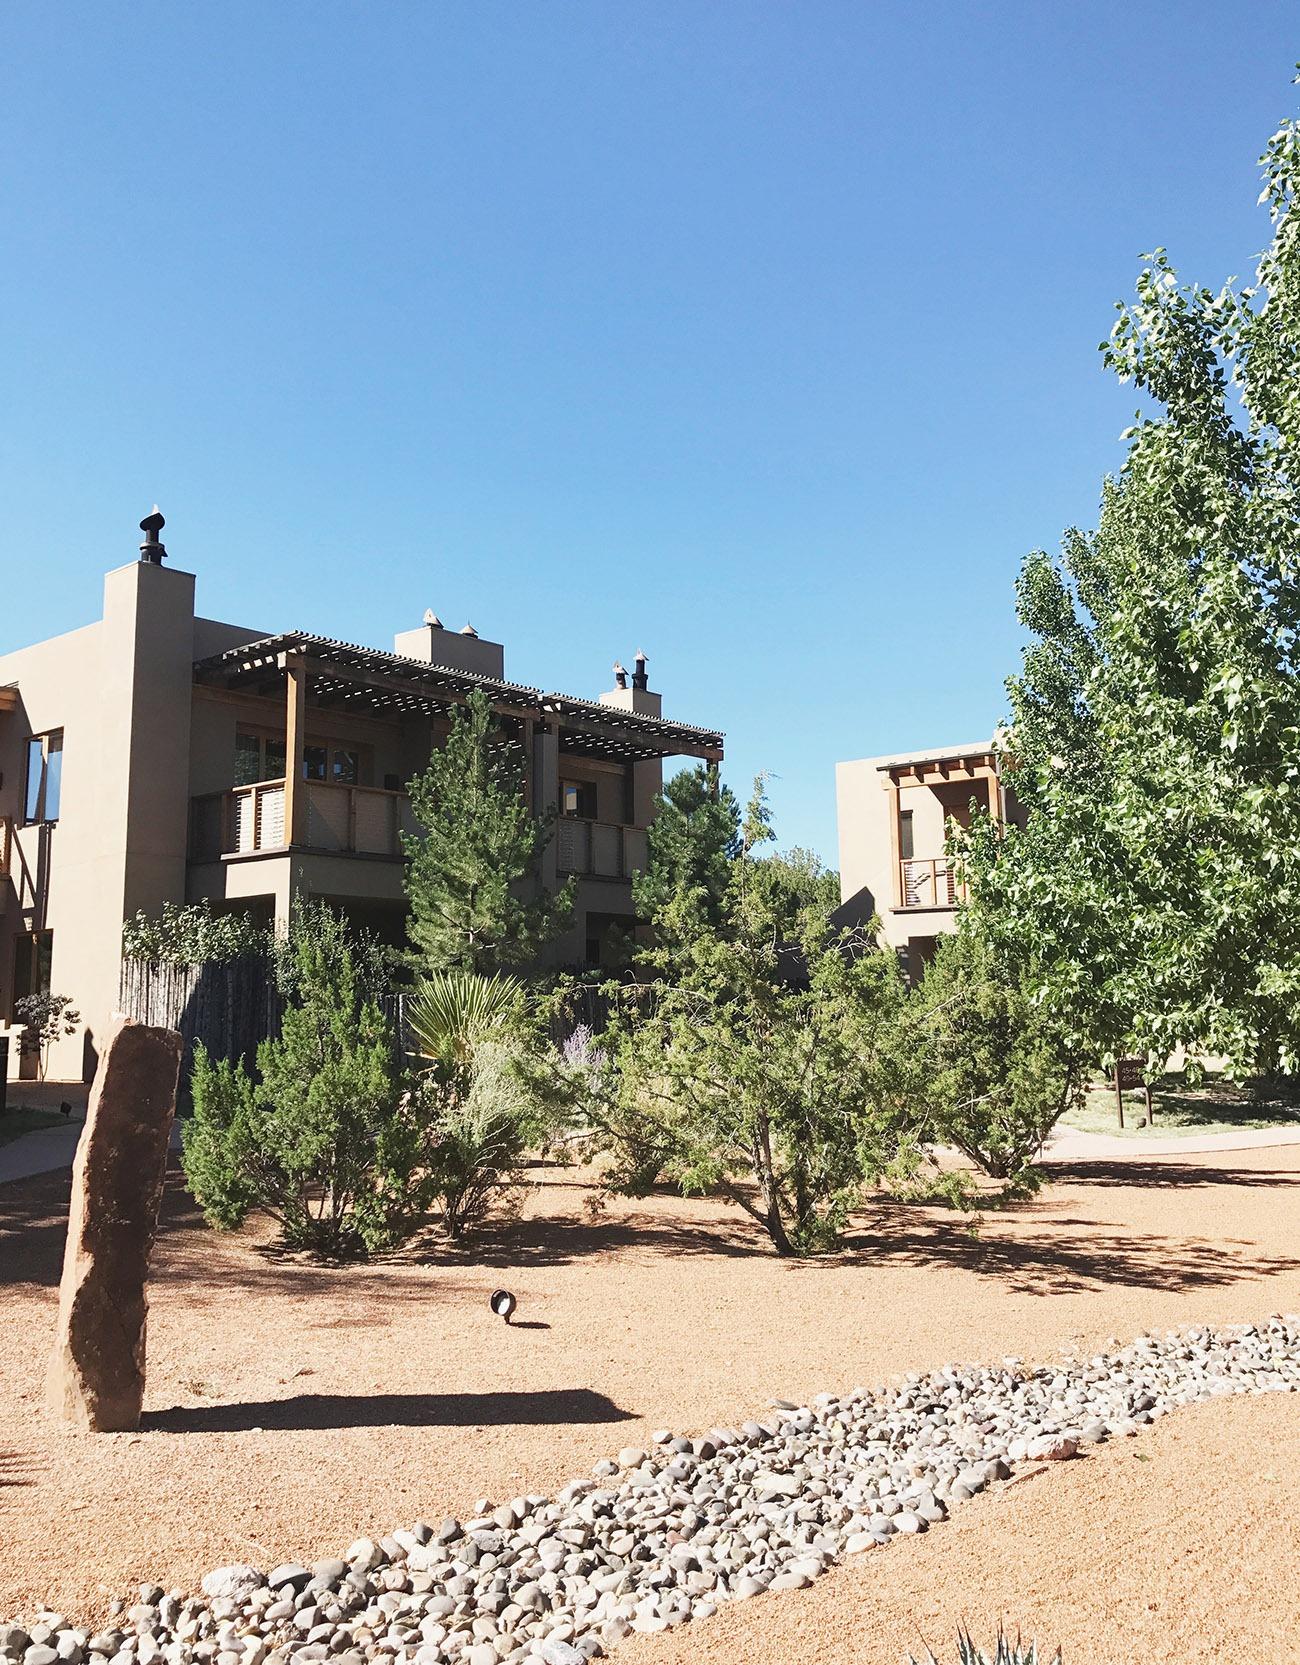 Santa Fe New Mexico awesome US honeymoon spot